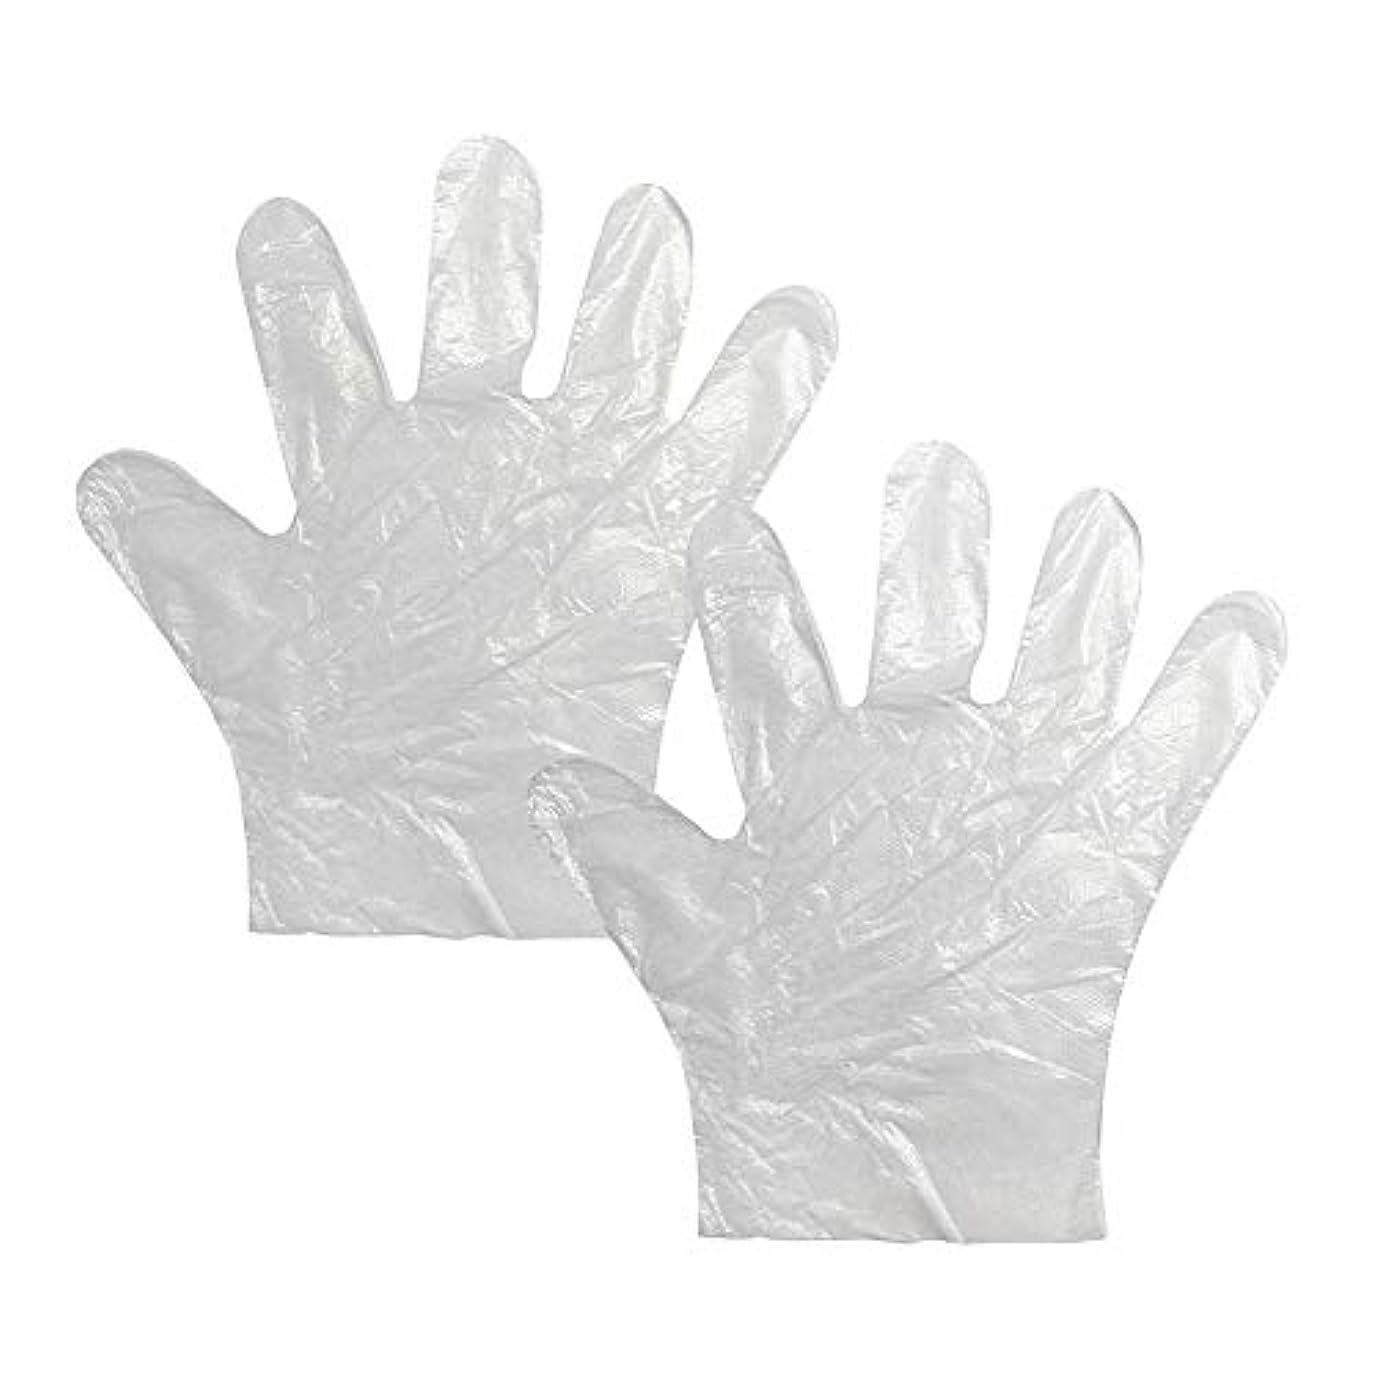 報告書階層マリナーKUKUYA(ククヤ) 使い捨て手袋 極薄ビニール手袋 ポリエチレン 透明 実用 衛生 100枚*2セット